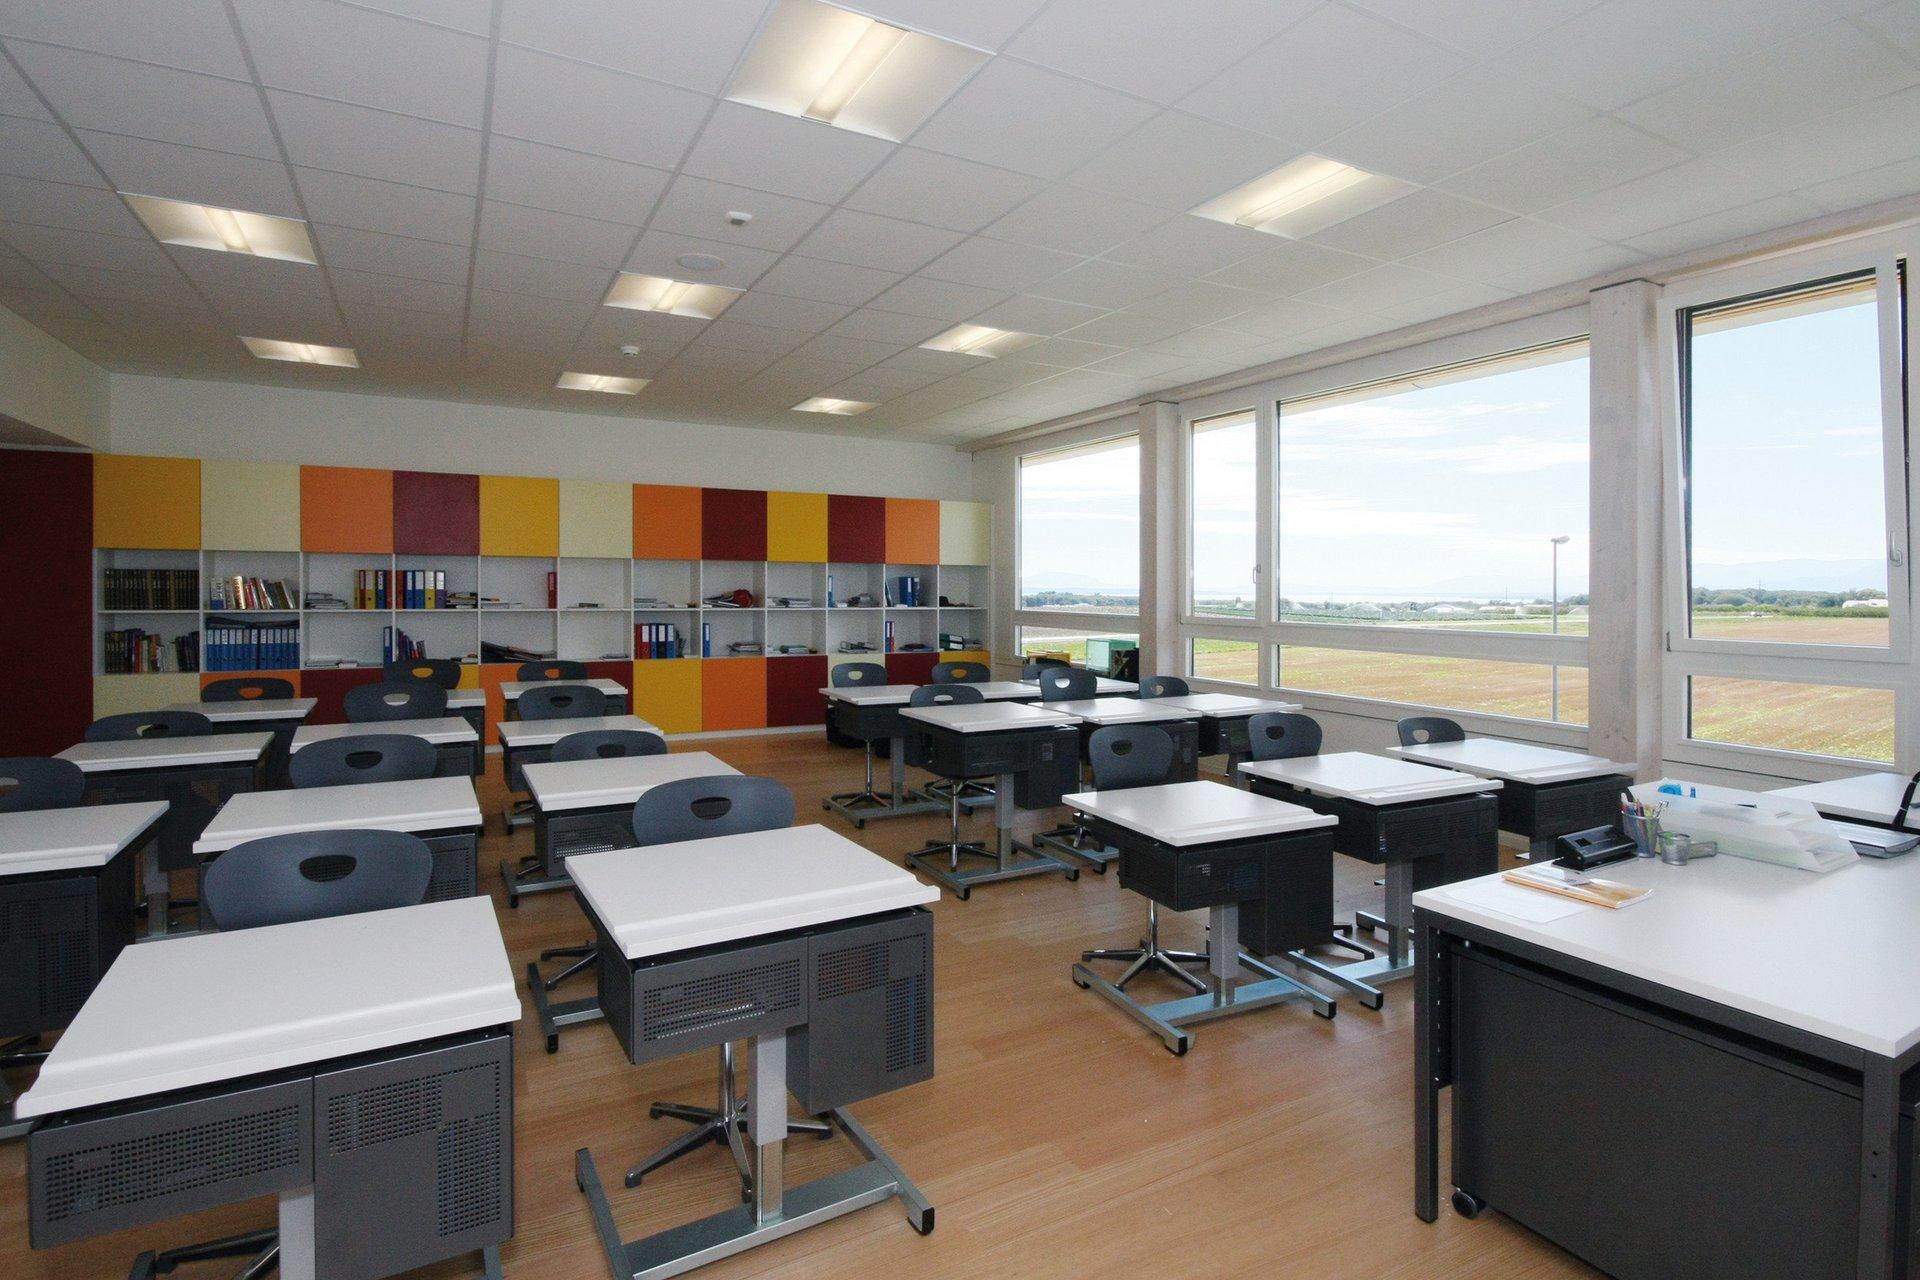 Ausgestatteter Werkraum für Schulen mit grossen Fensterelementen